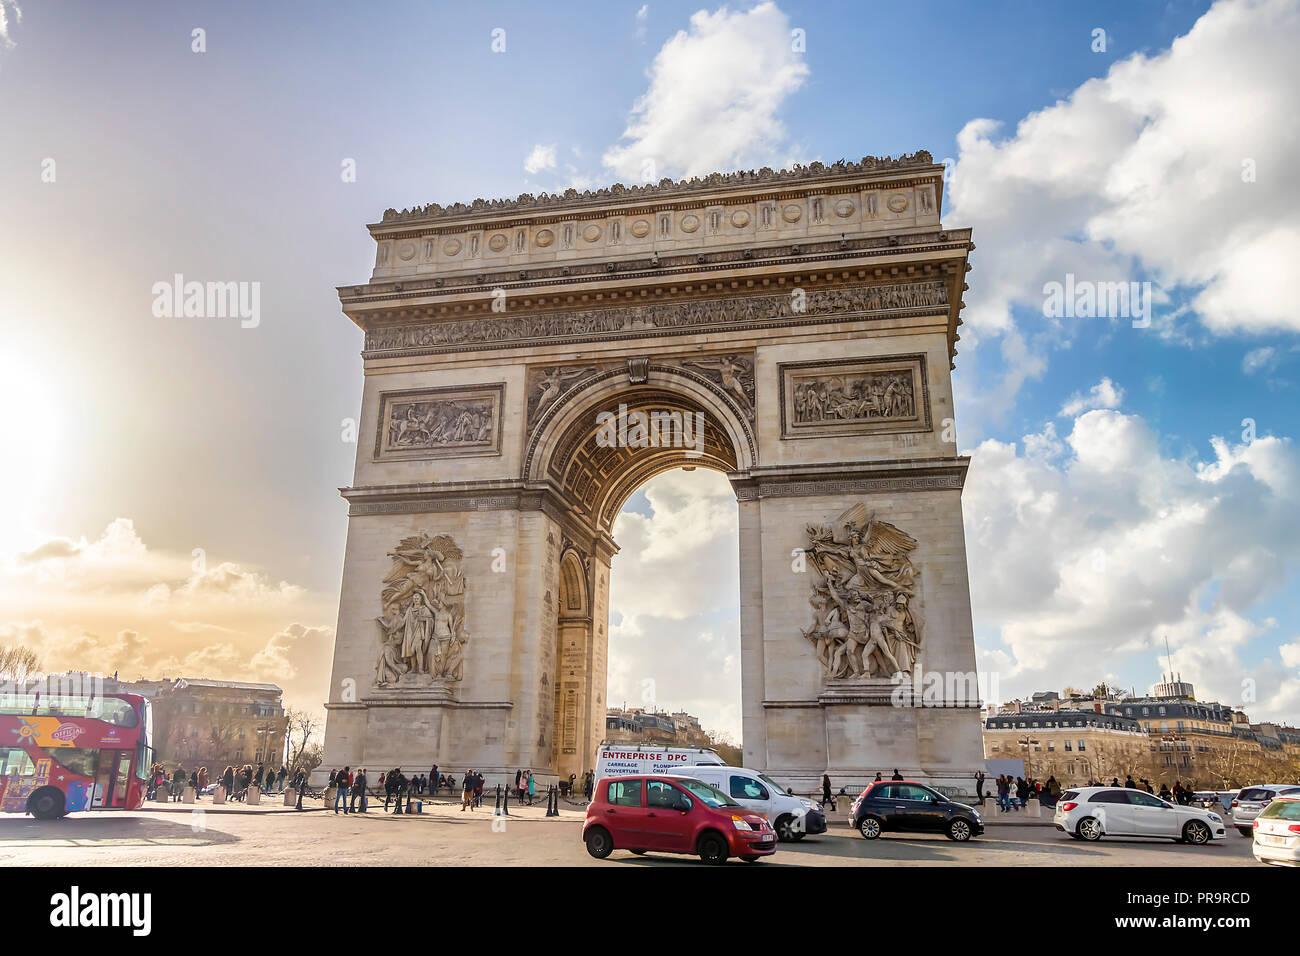 Paris, Frankreich, 14. März 2018: Blick auf den Triumphbogen mit dem geschäftigen Straße mit Kopfsteinpflaster, Hintergrundbeleuchtung, bei Sonnenuntergang Stockbild